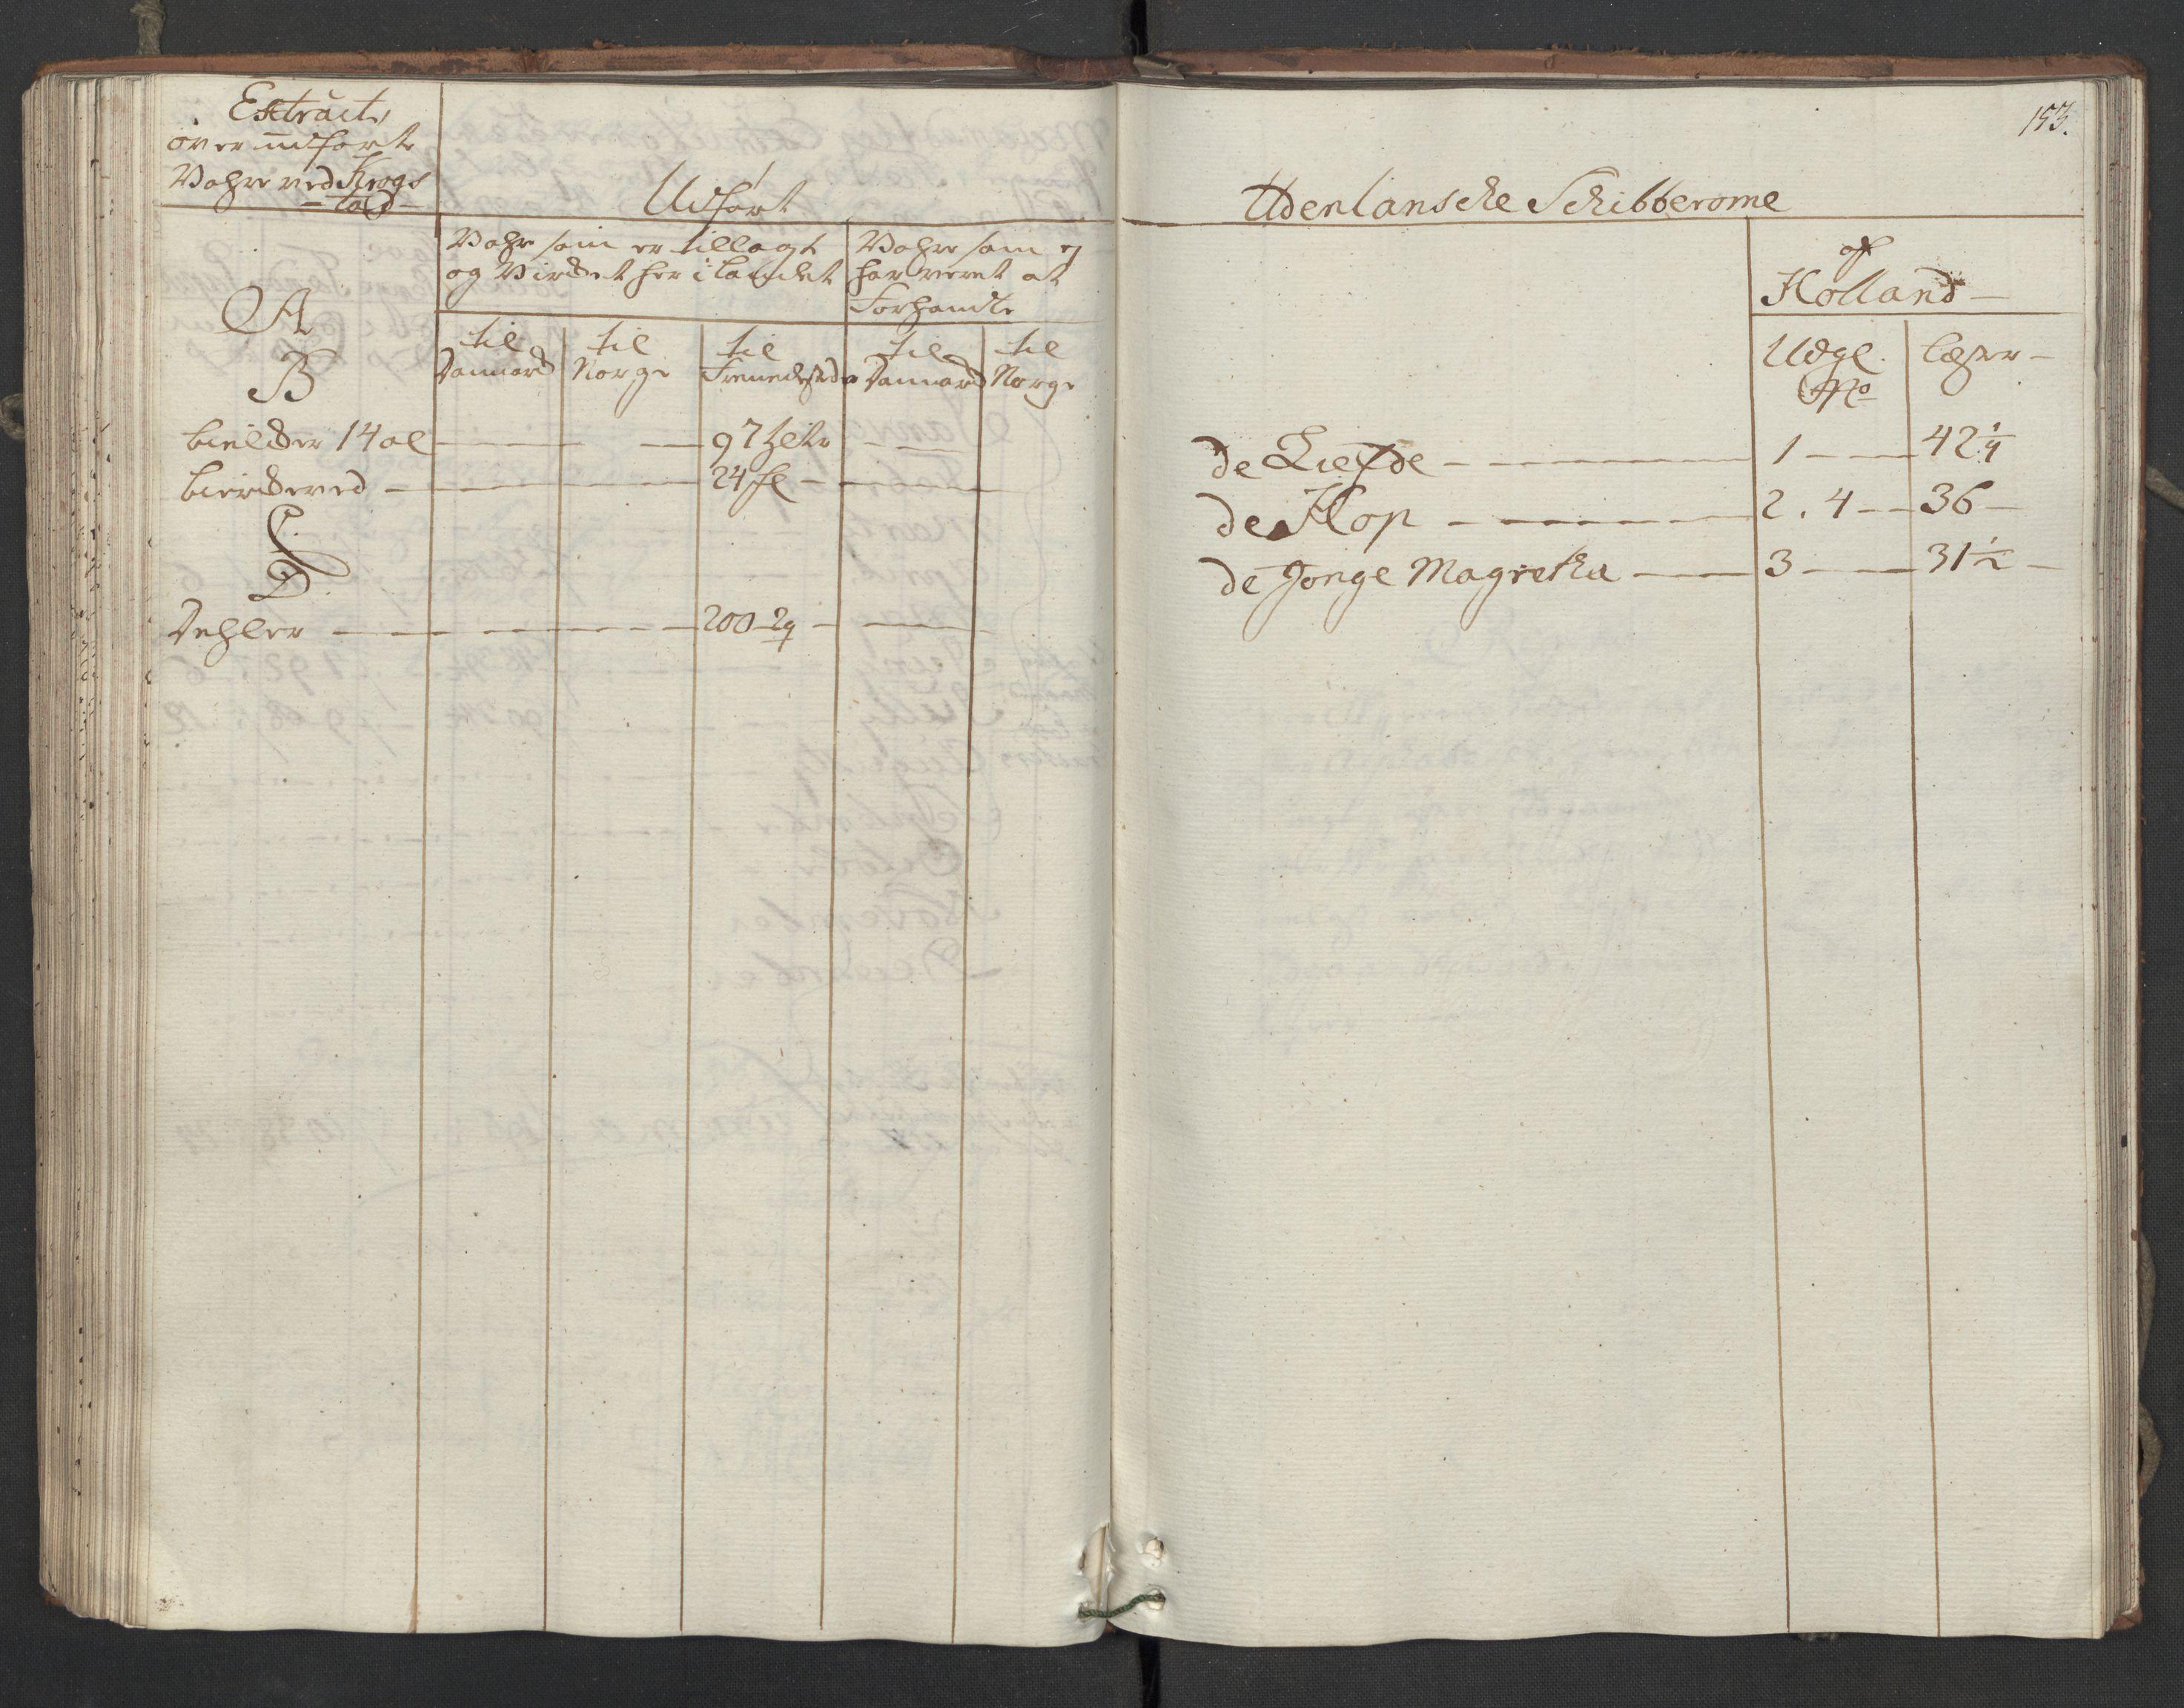 RA, Generaltollkammeret, tollregnskaper, R05/L0039: Tollregnskaper Moss, Son, Krokstad, 1762, s. 152b-153a